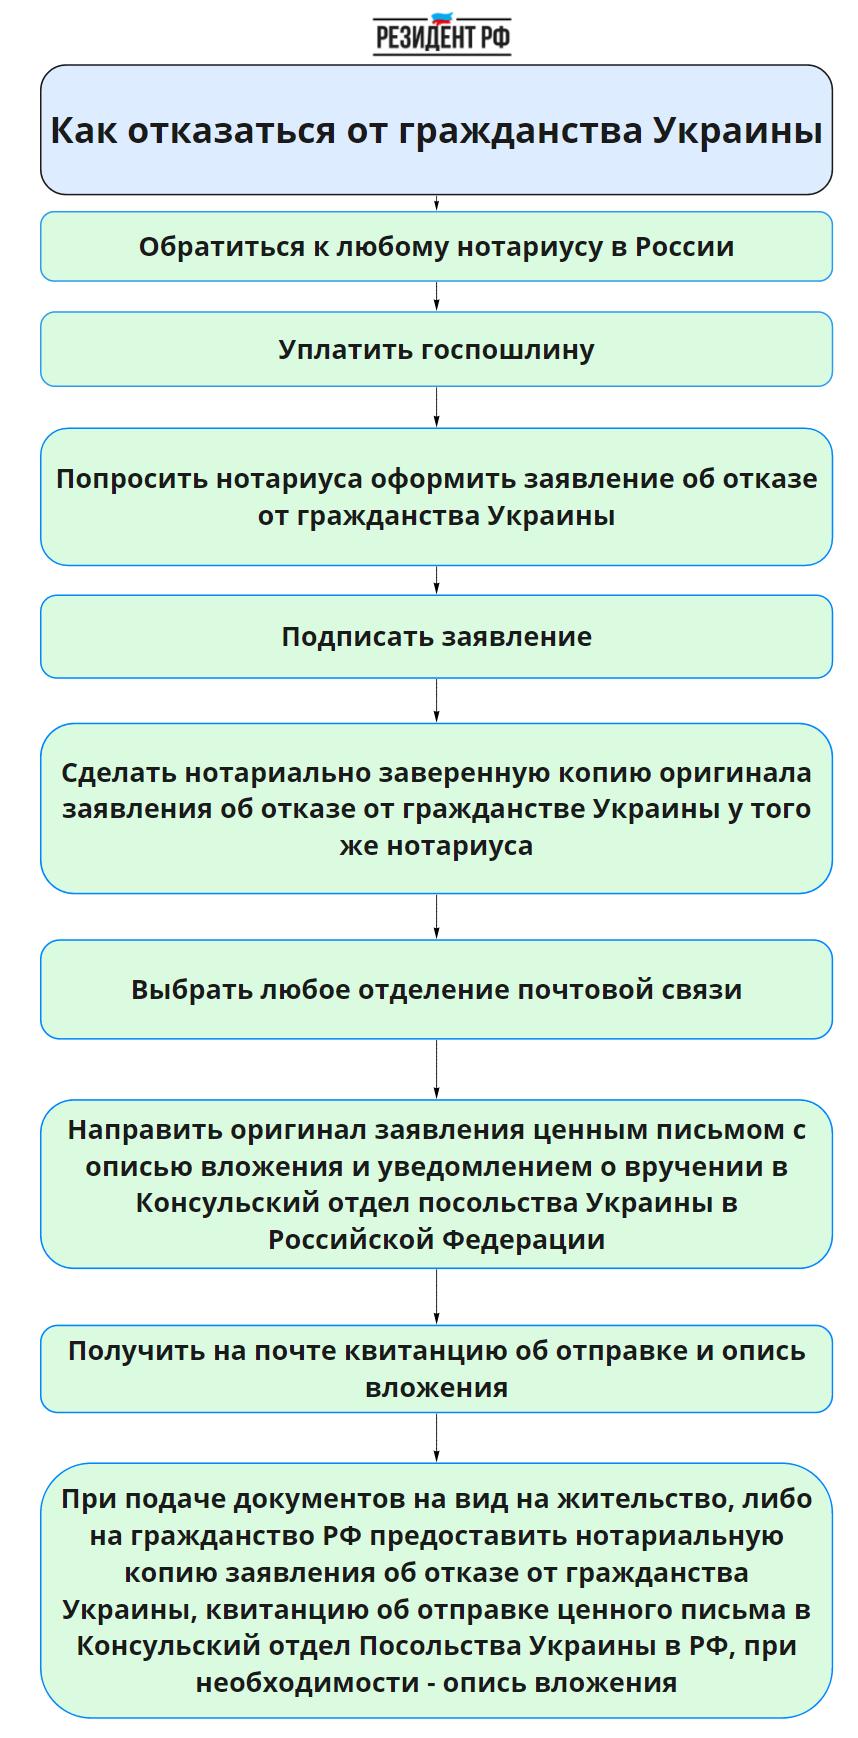 Инструкция принятия вызова врача на дом